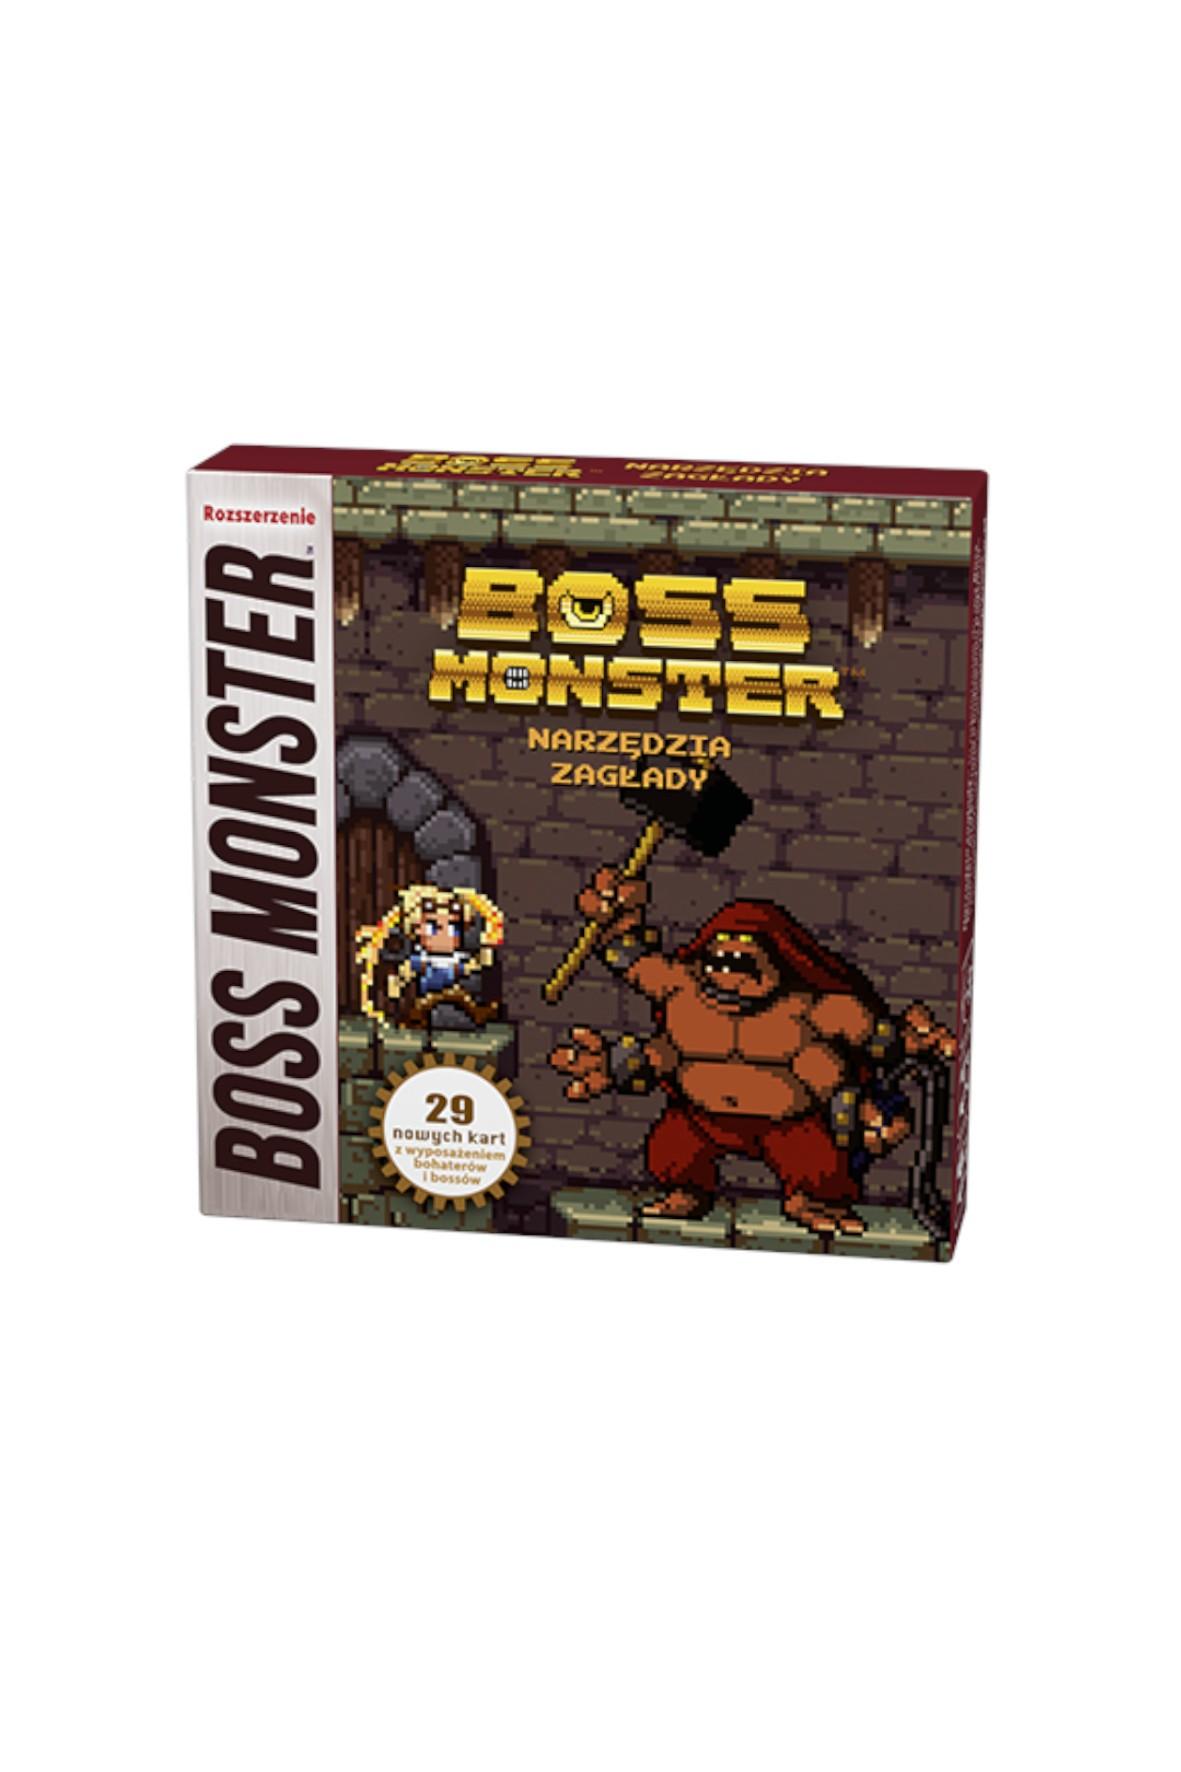 Gra Boss Monster Narzędzia zagłady